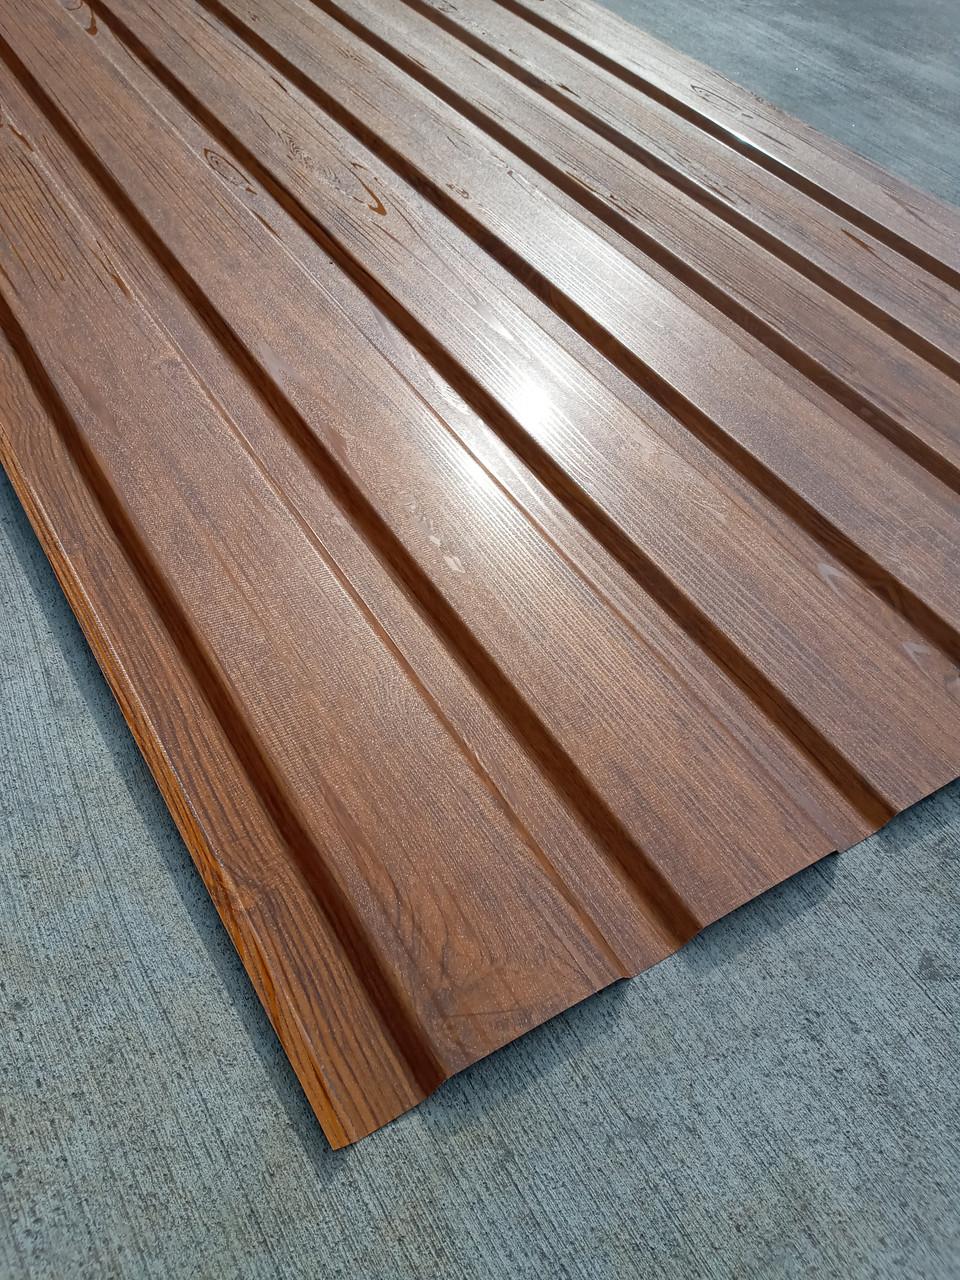 Профнастил з об'ємним малюнком дерева 3D wood, розмір листа 2мХ1,16м